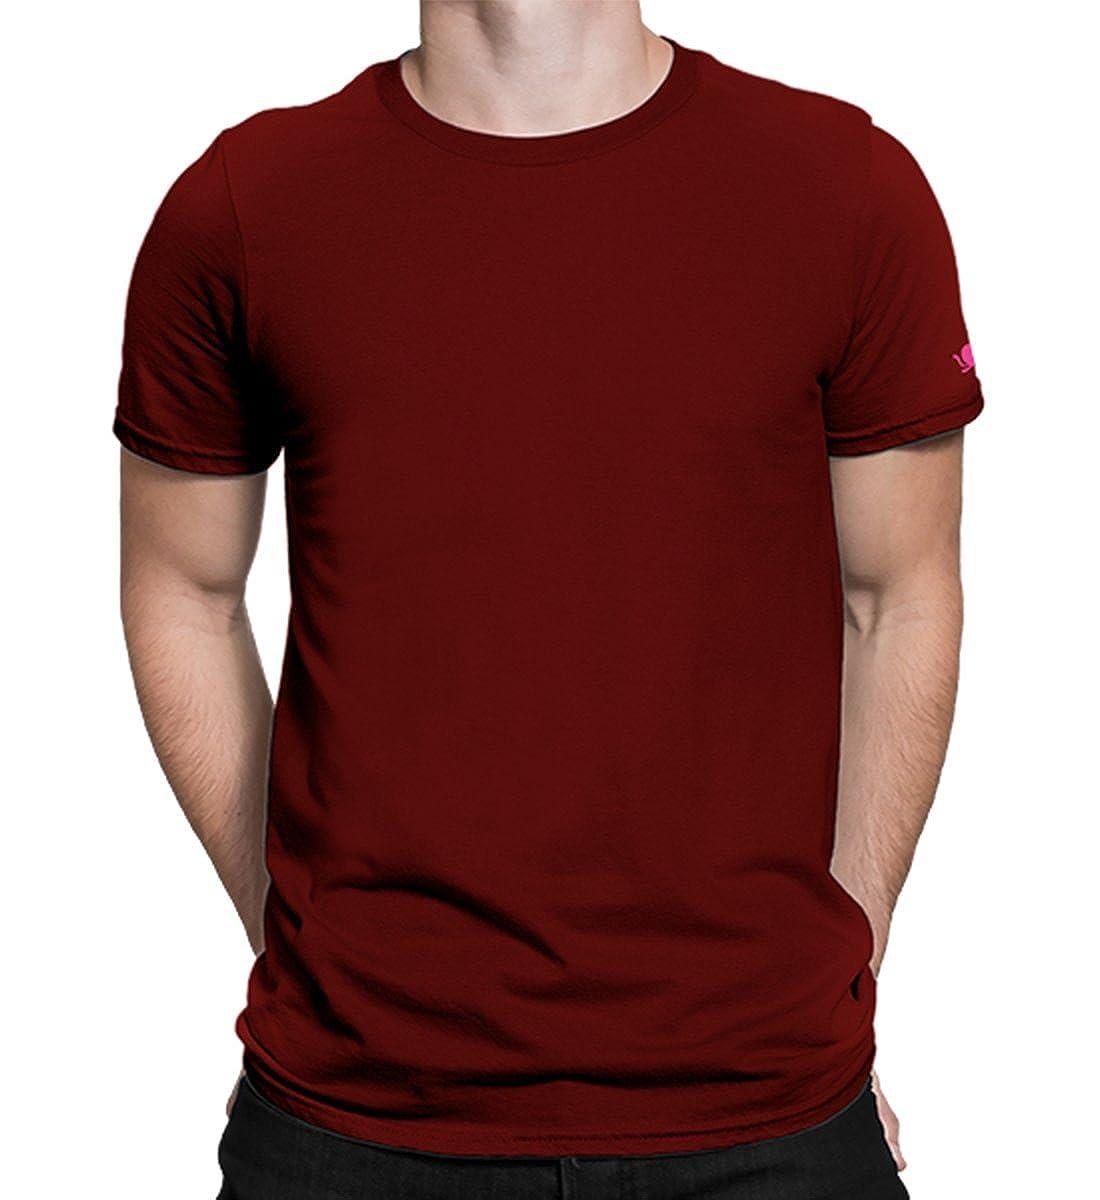 PrintOctopus Men and Women's Cotton Plain T Shirt (Maroon, 2XL)